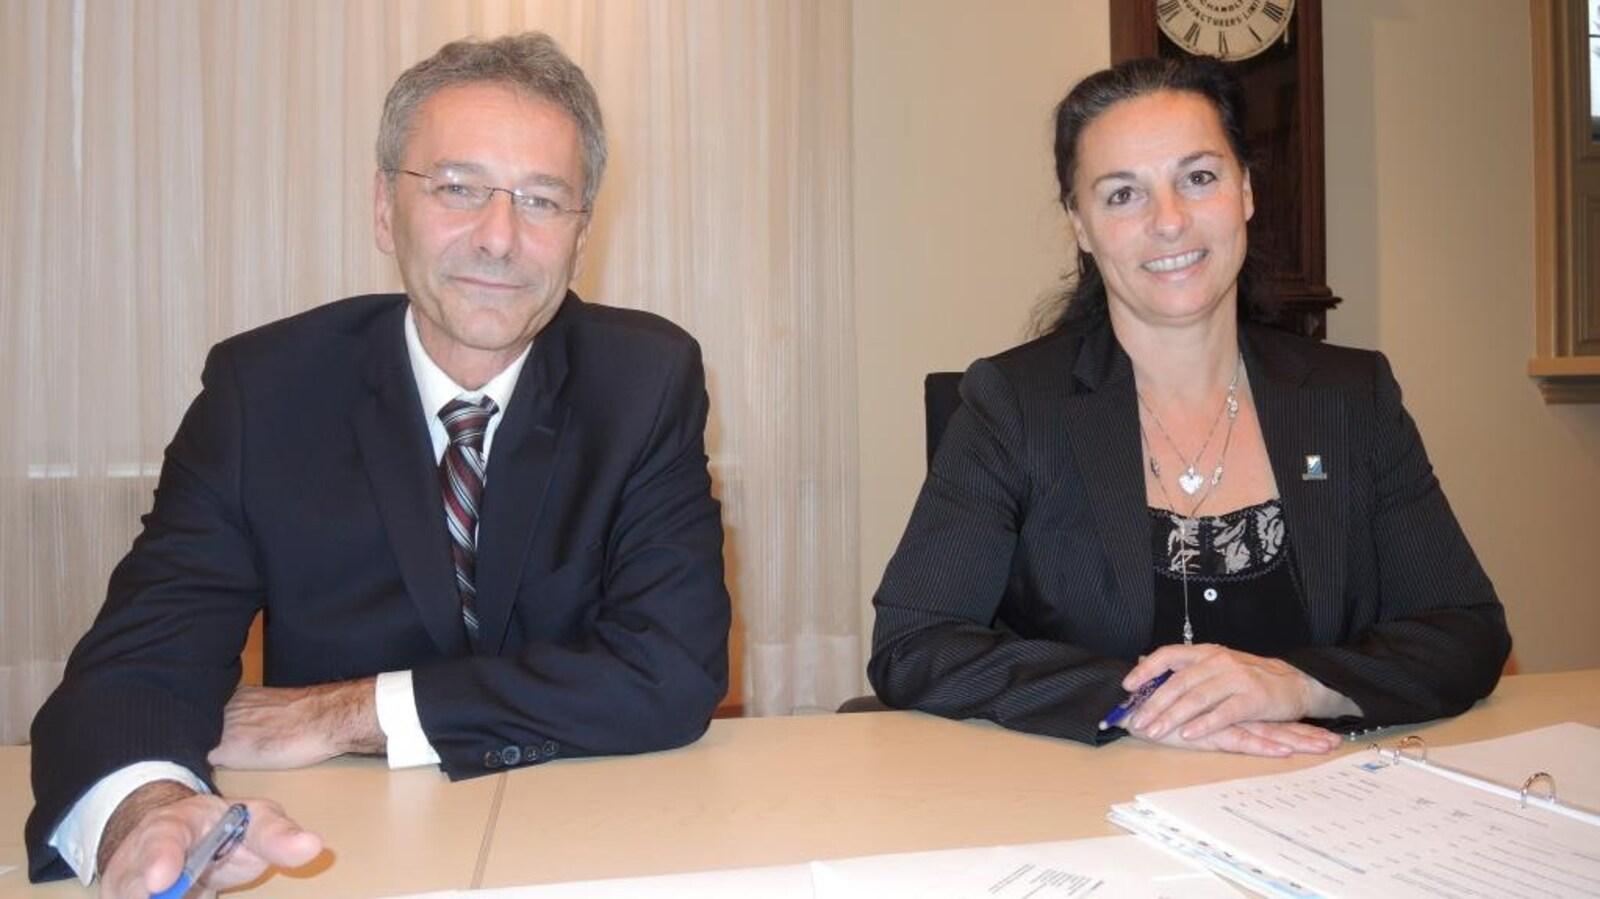 Denis Lavoie et Annie Nepton assis côte-à-côte